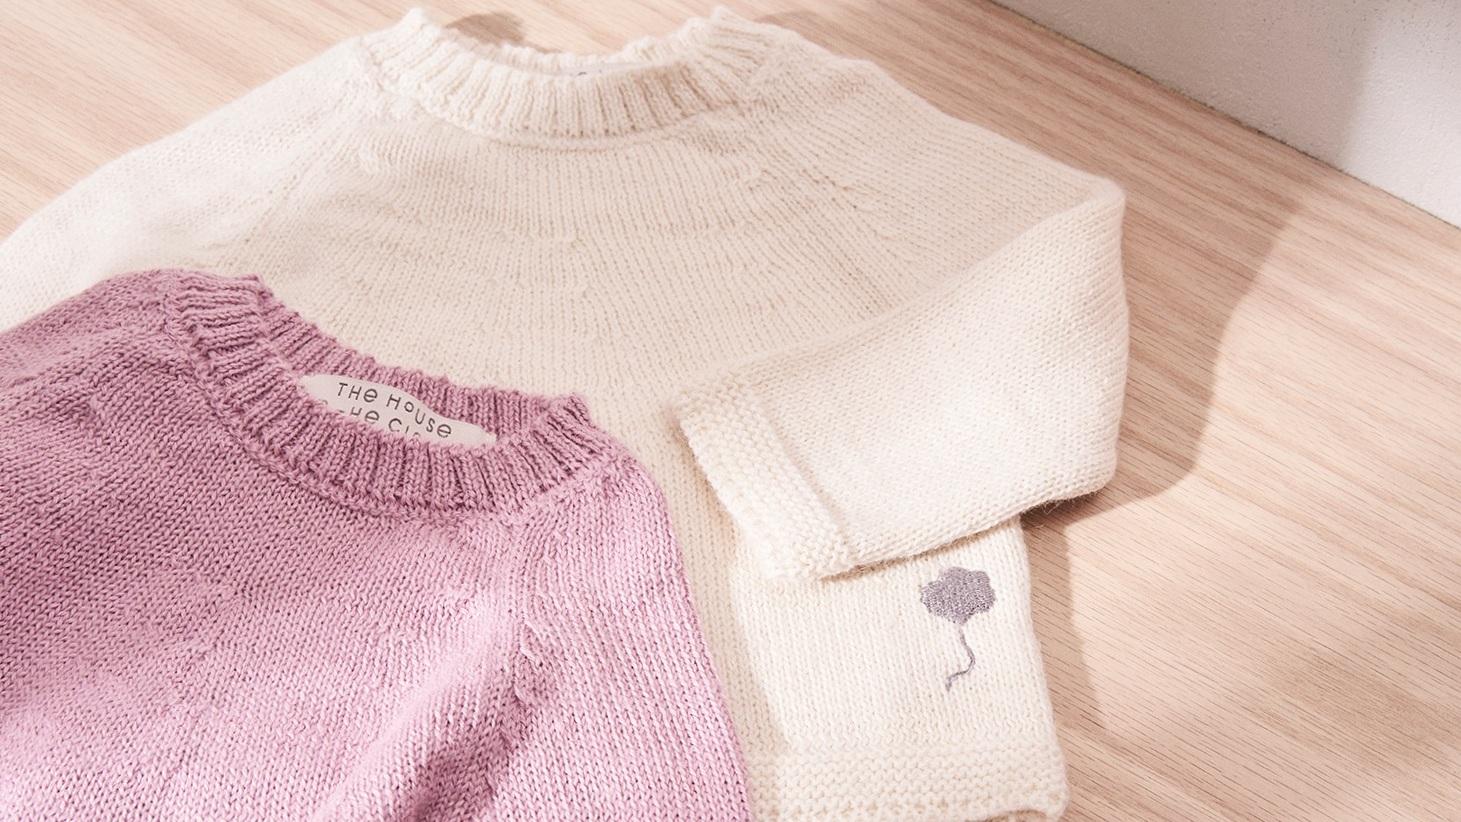 the neel alpaca sweater